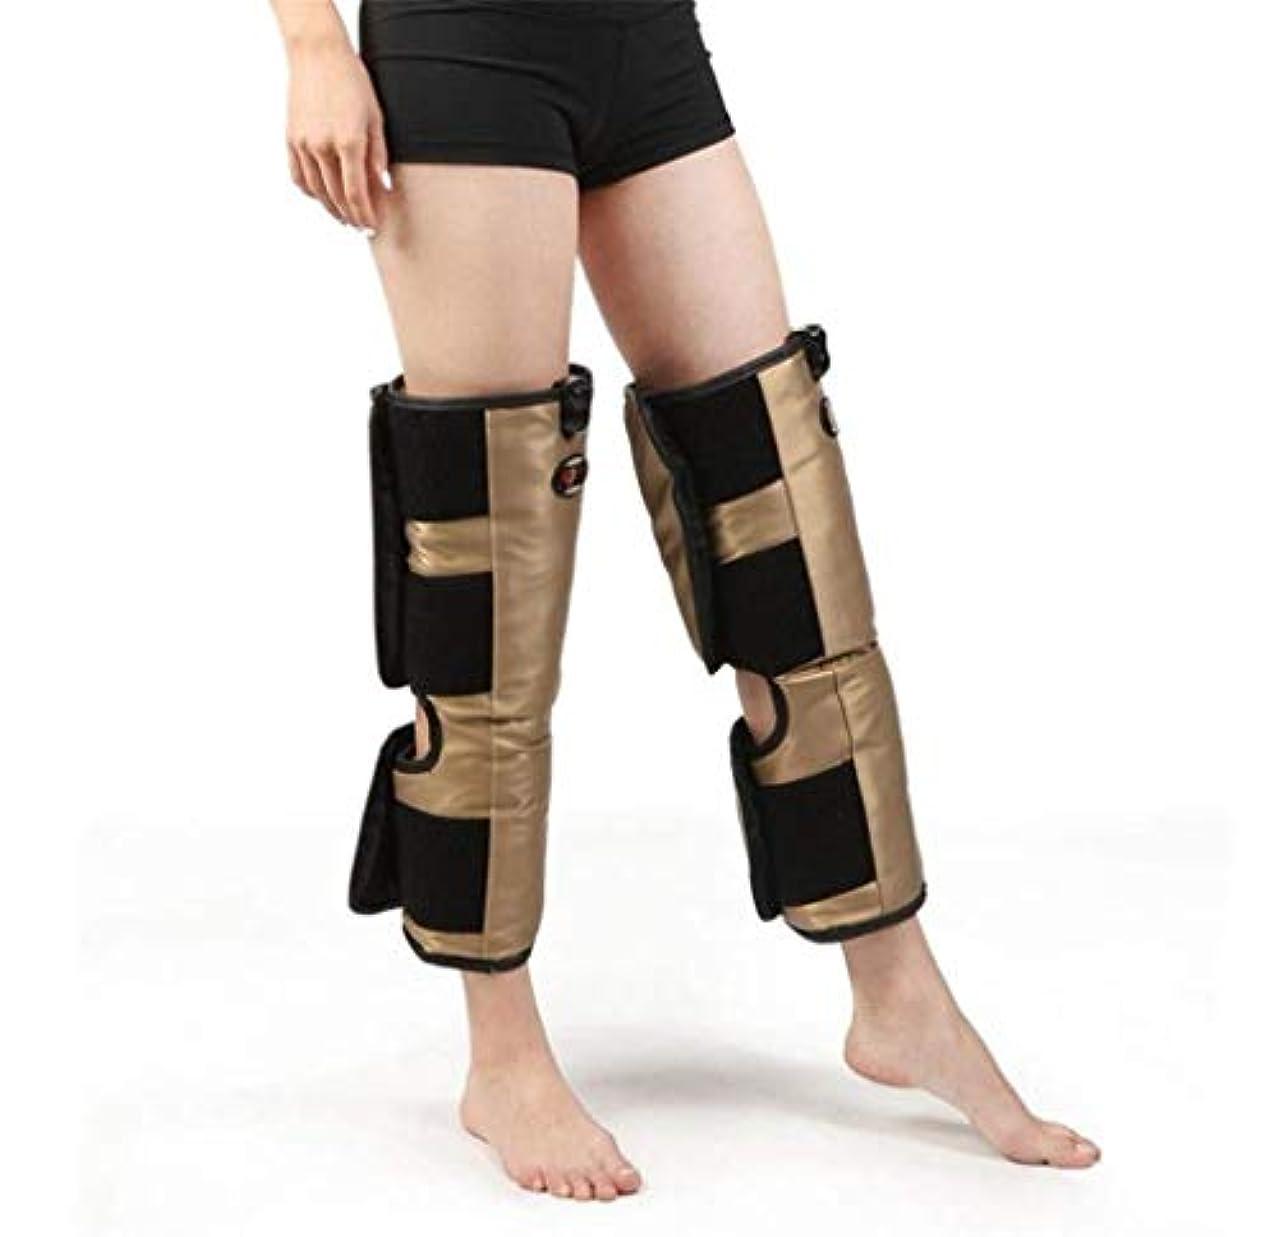 アボート裏切りピッチャー脚マッサージャー、電気膝ブレース、oxiホット圧縮振動マッサージ療法、多機能電気加熱膝理学療法機器